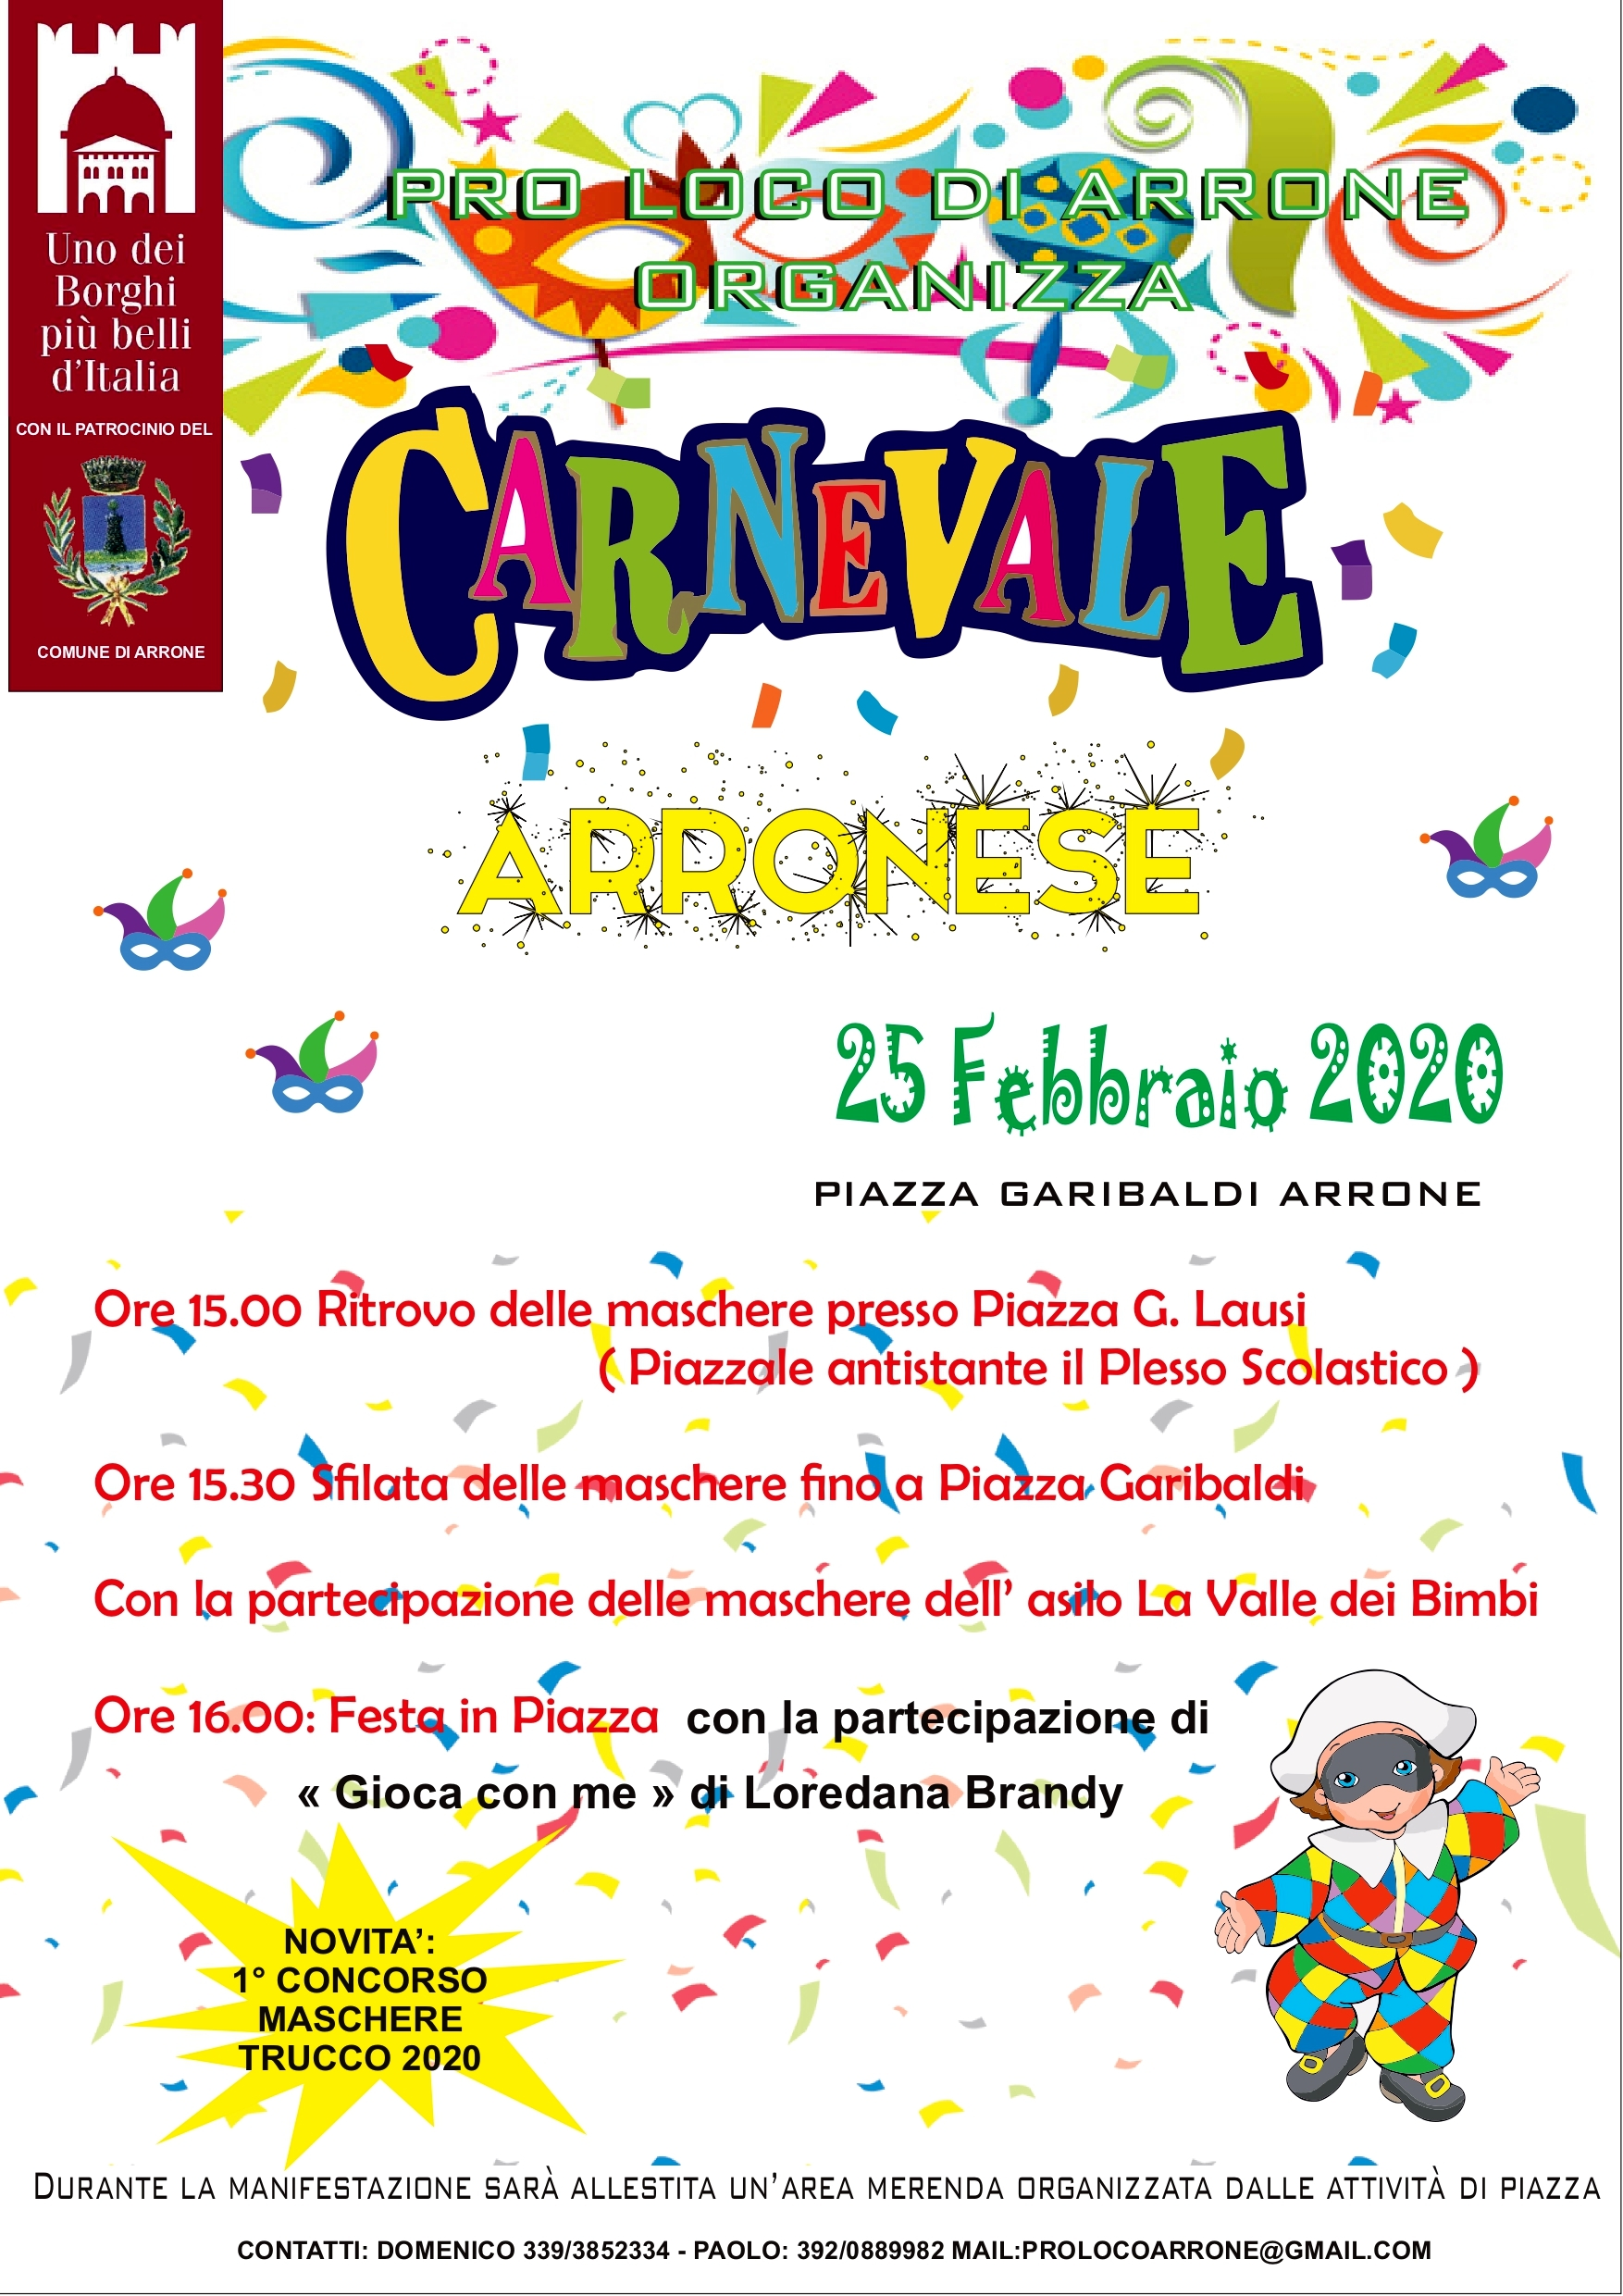 bozza 2 proloco arrone_page-0001-2